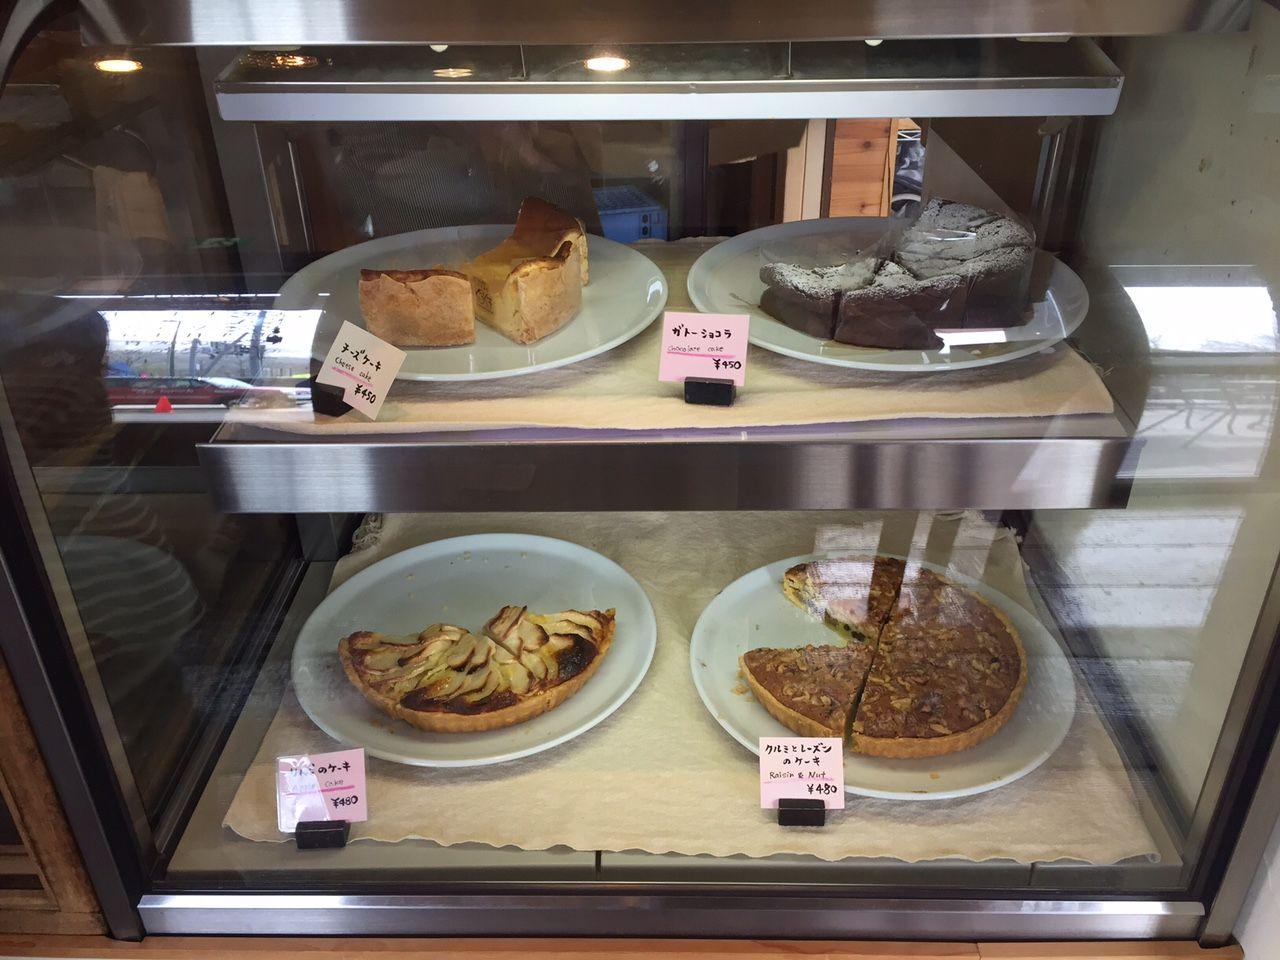 天然酵母のパンとケーキを召し上がれ「ぐずぐず」